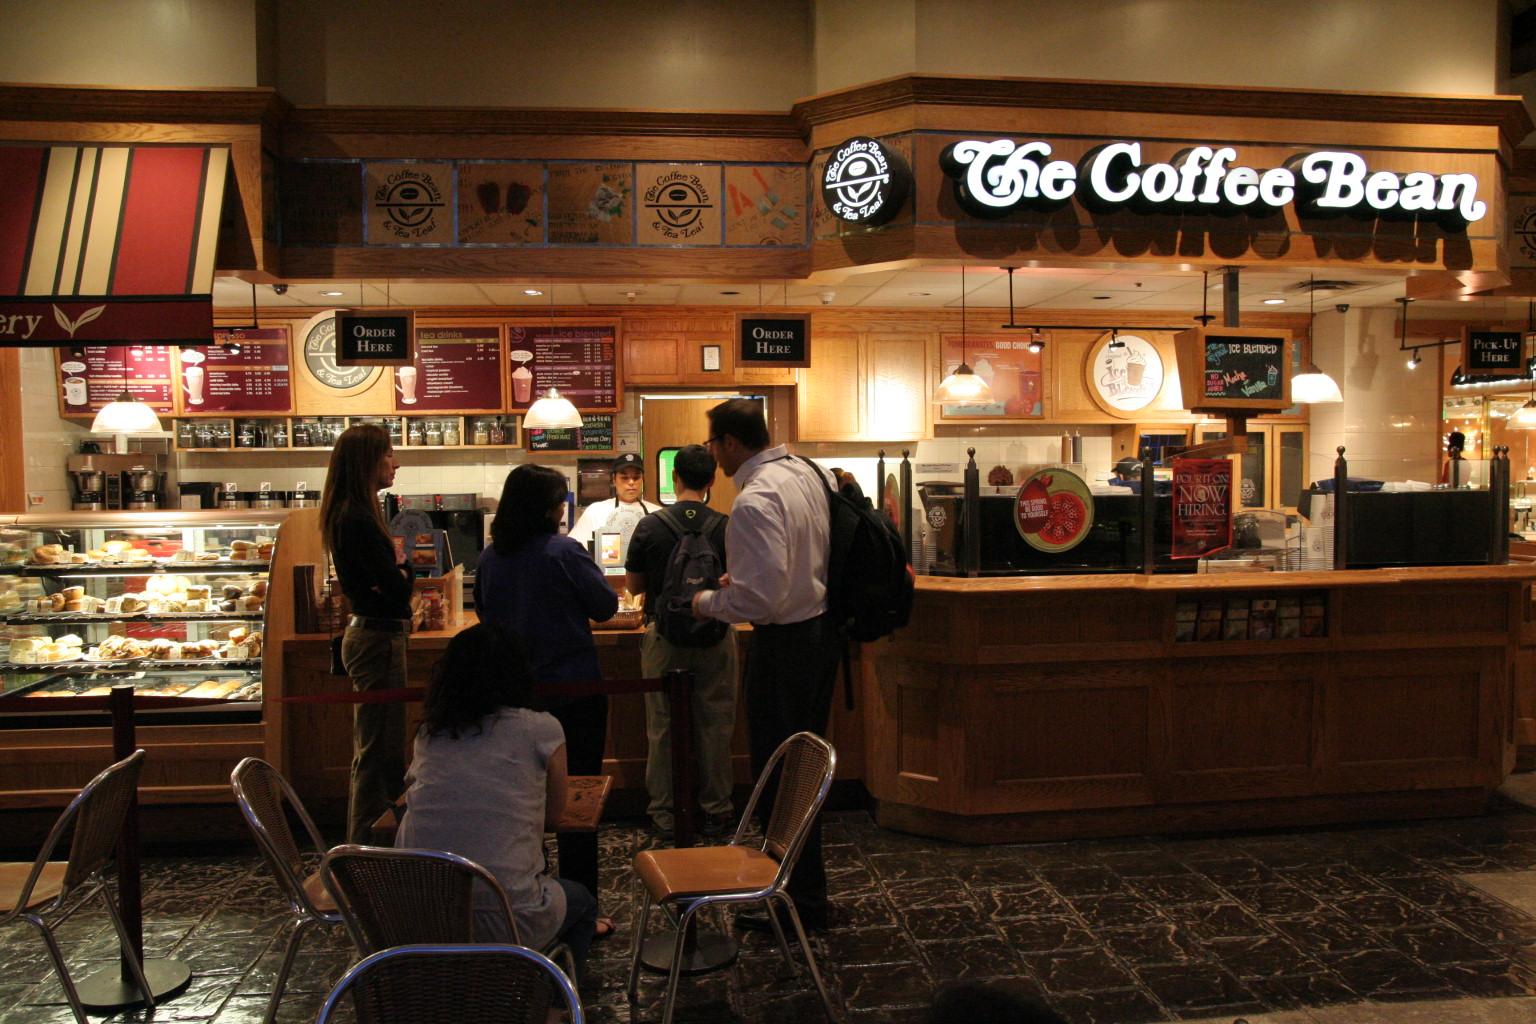 Kinh nghiệm mua phần mềm tính tiền quán Cafe (tránh bị thiệt)